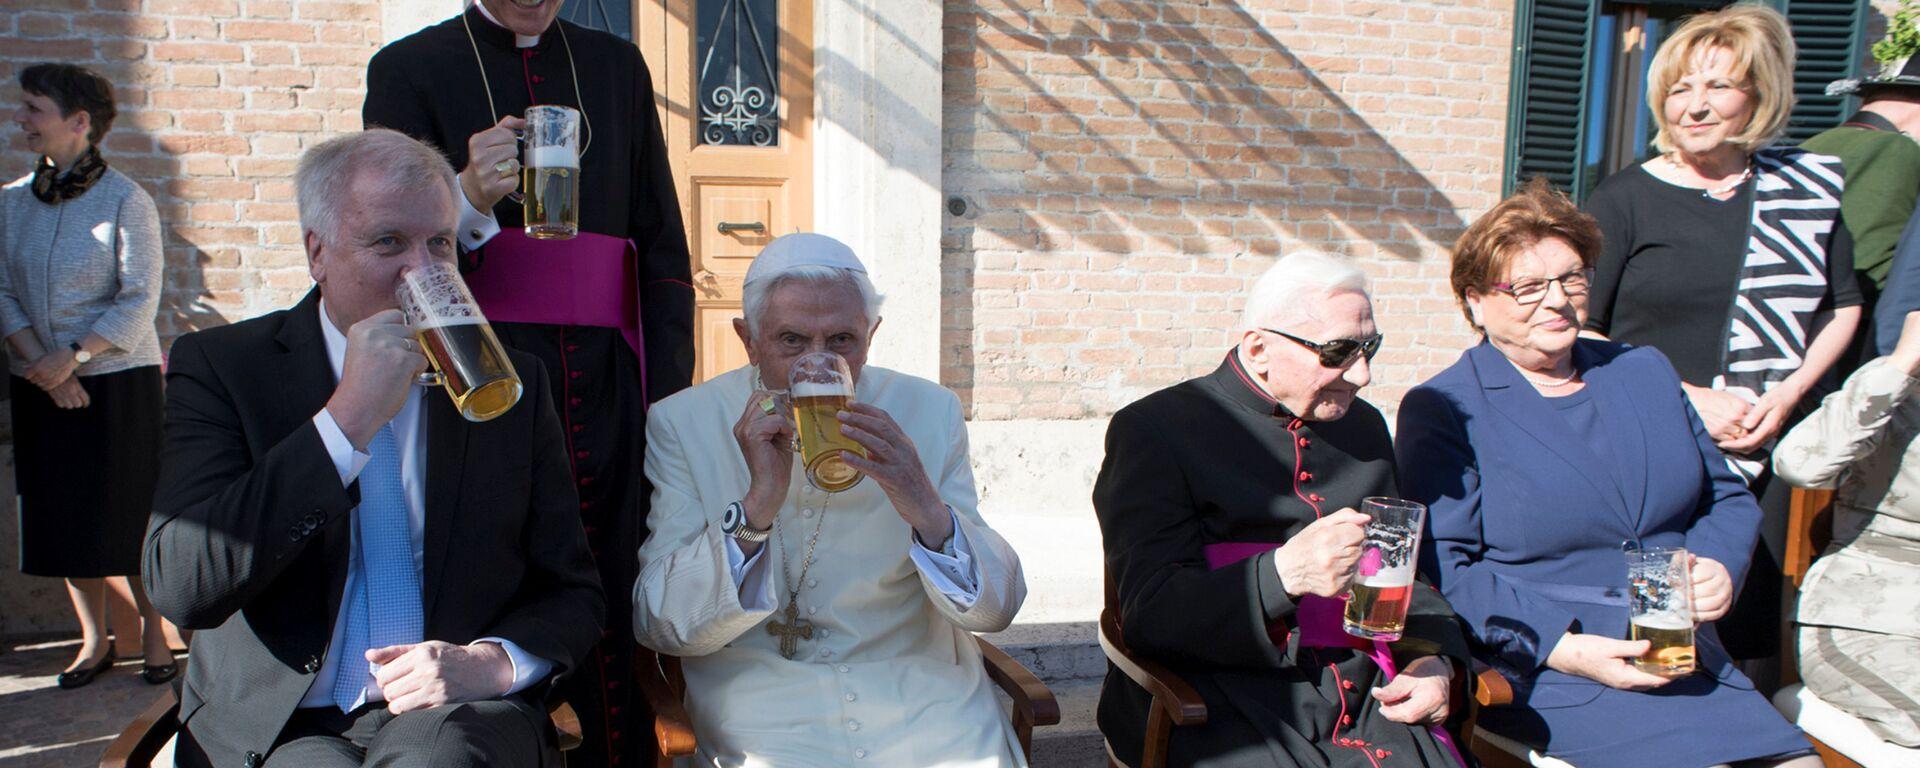 Папа римский Бенедикт XVI празднует свой  90-летний юбилей в компании друзей из Баварии - Sputnik Italia, 1920, 16.04.2021